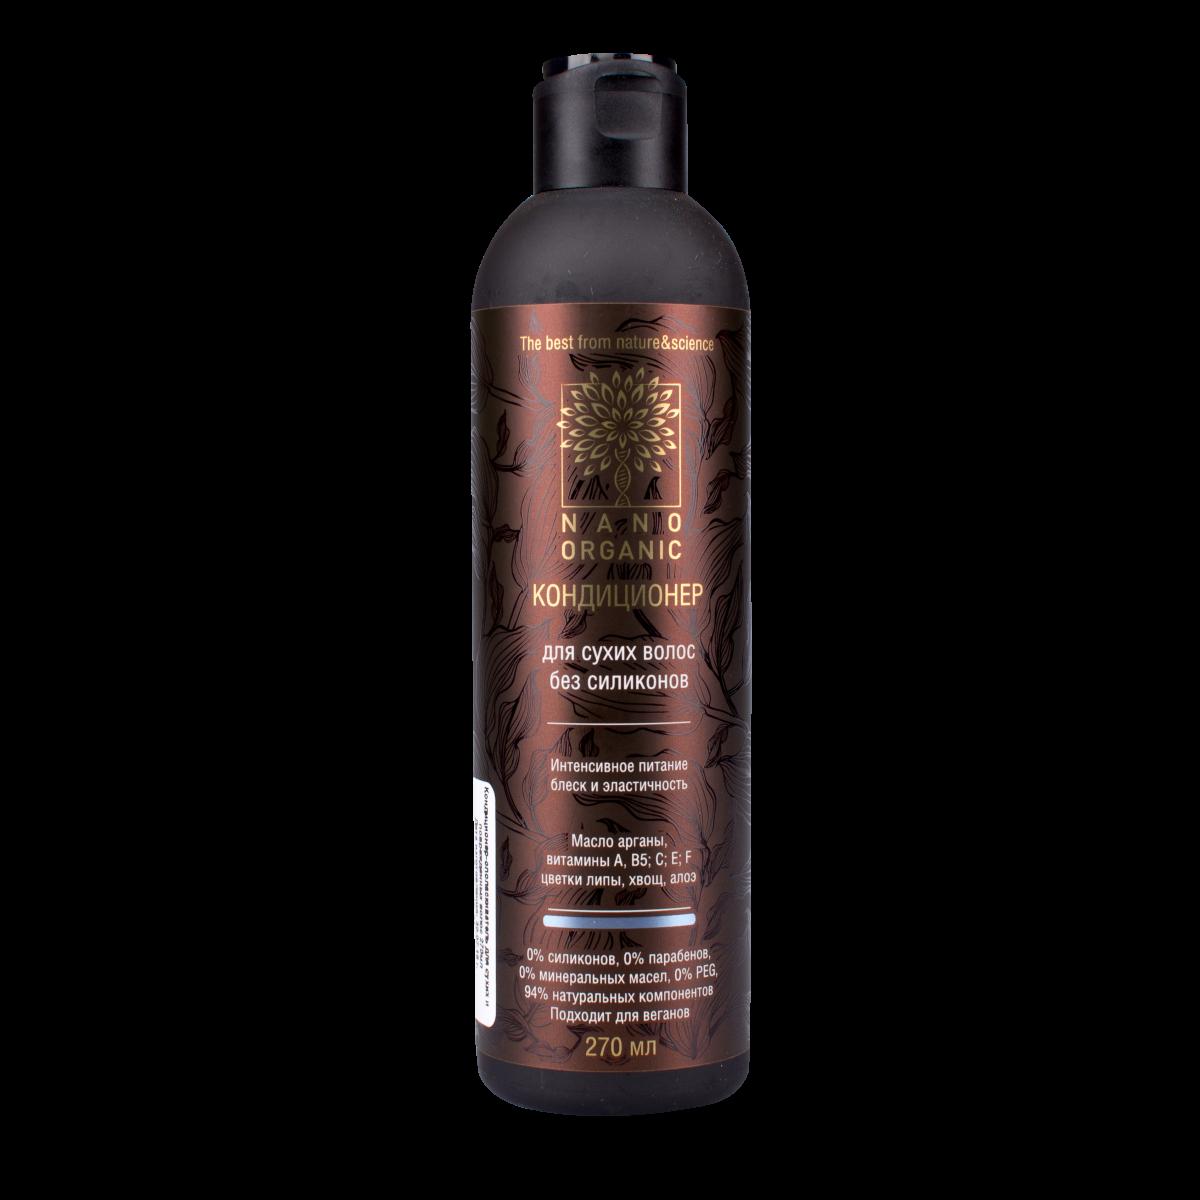 Кондиционер для волос Nano Organic 12-00812-008Интенсивное питание, блеск и эластичность. Масло арганы, витамины A, B5; C; E; F, береза, хвощ, солодка. 0% силиконов, 0% парабенов, 0% минеральных масел, 0% PEG, 94% натуральных компонентов. Подходит для веганов Комплекс витамина Ф и коньячной камеди (натуральная альтернатива силиконам) разглаживает и защищает волосы; масло Арганы и экстракт листа березы придает блеск; экстракты солодки, лопуха, хвоща и витамины A, B5, C, E питают кожу головы.